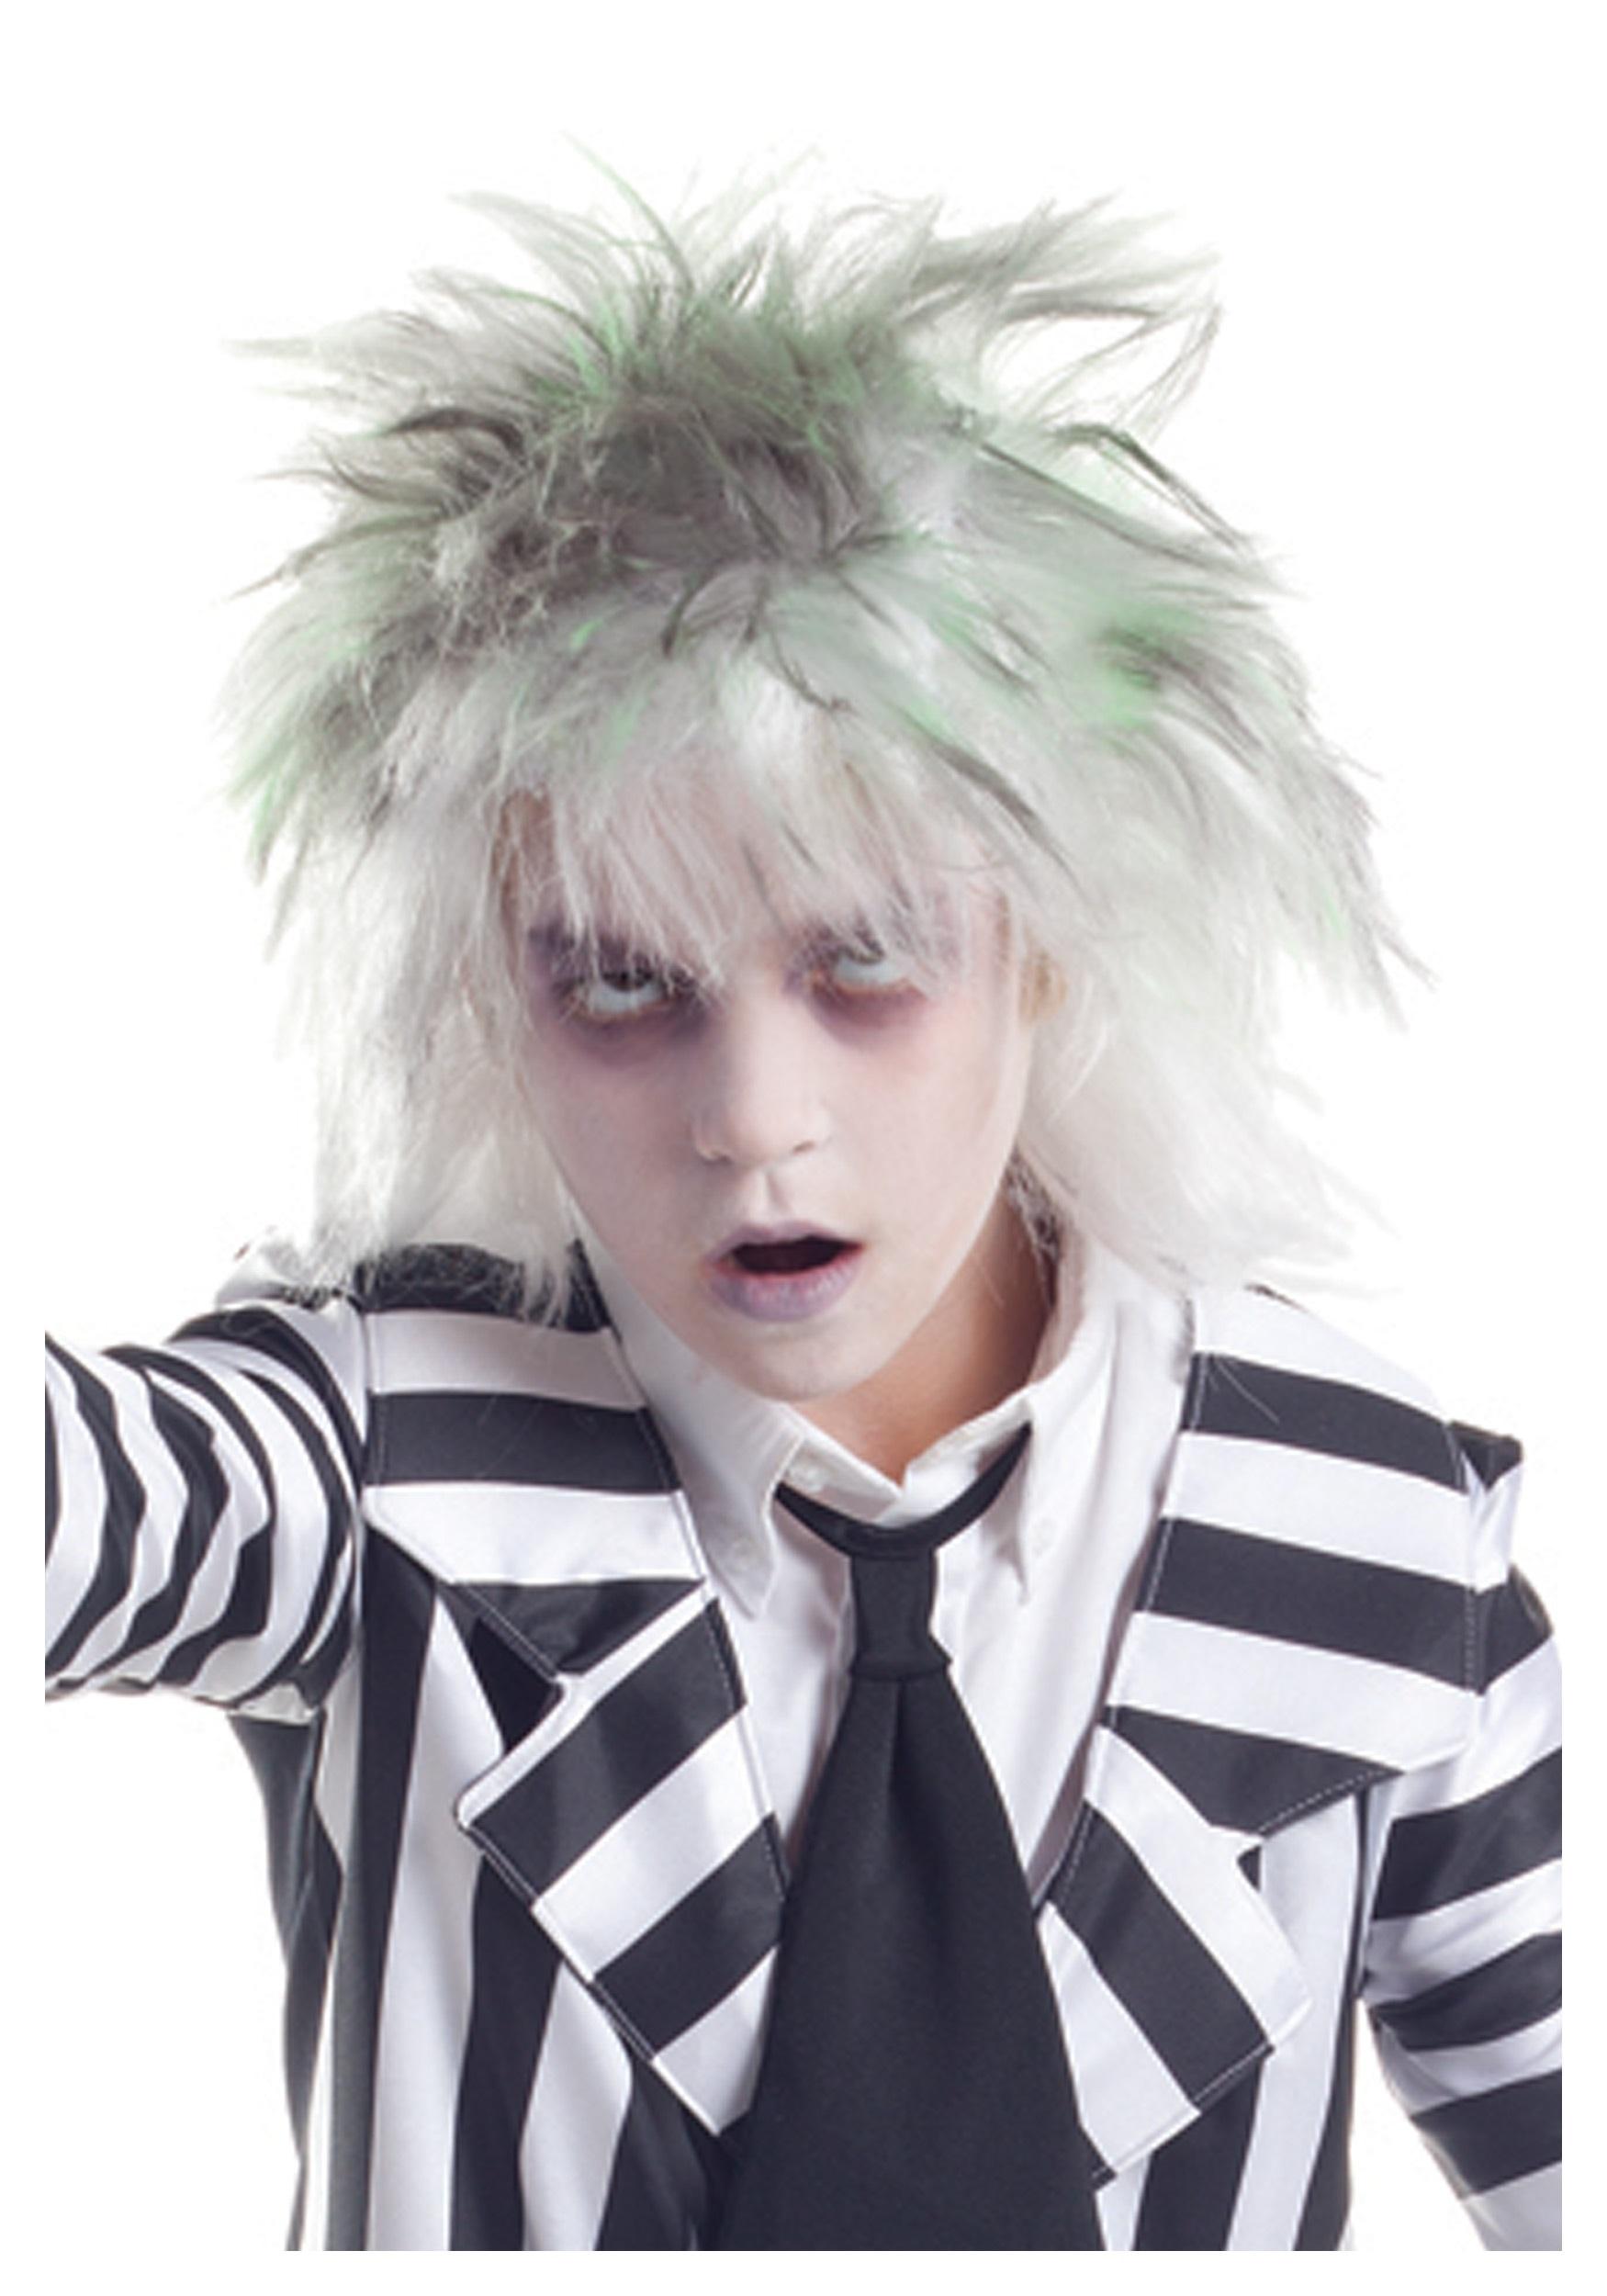 Scary halloween door decorations - Kids Graveyard Ghost Wig